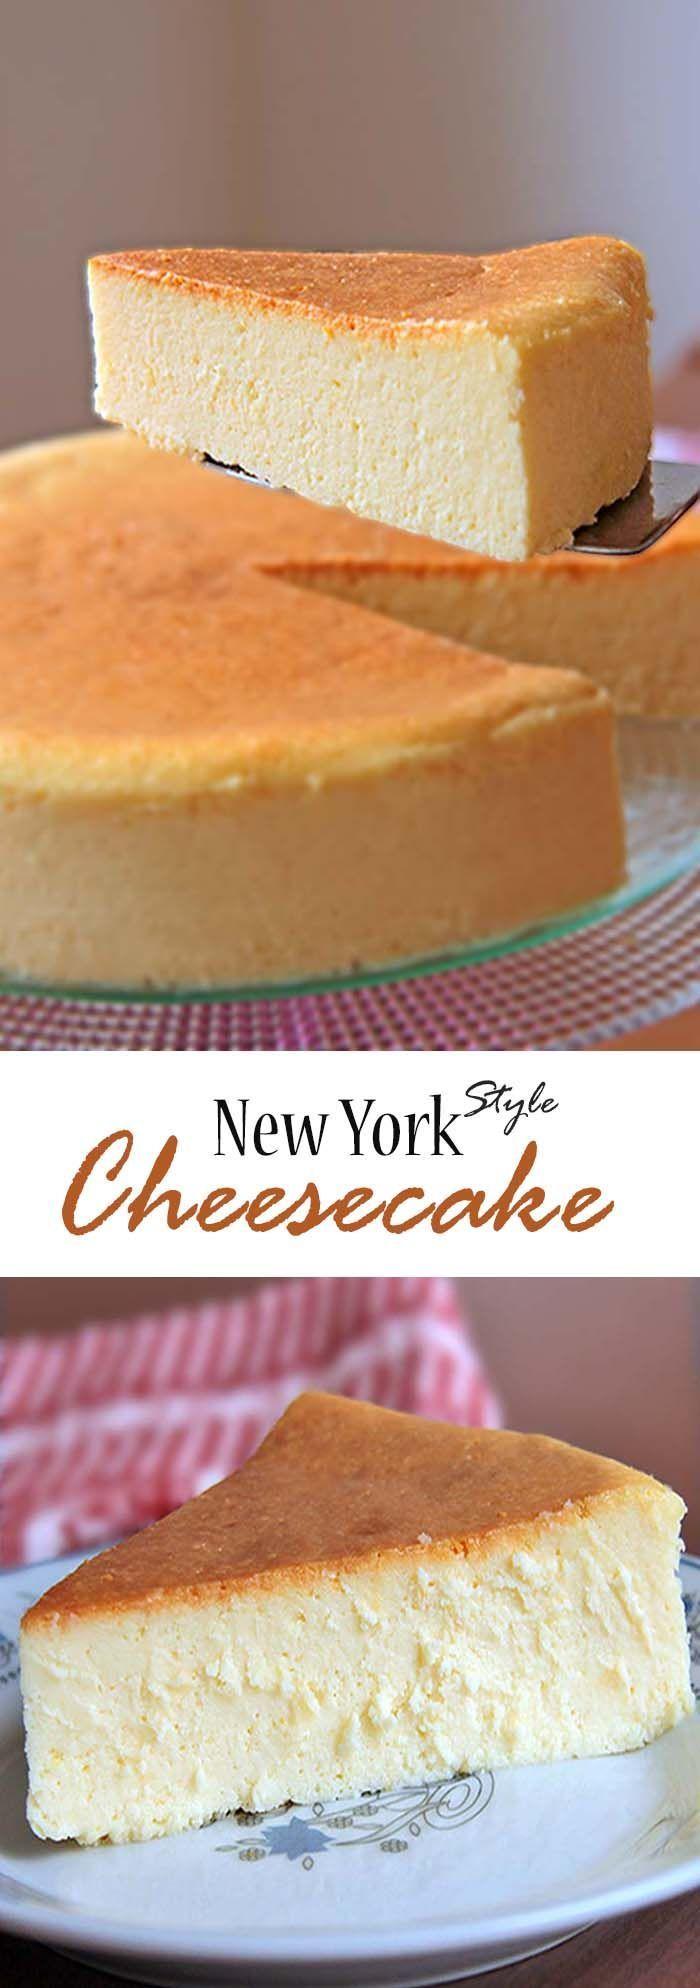 Nueva York Estilo de queso cremoso suave, ligeramente dulce, con un toque de limón.  Baste decir, mi búsqueda de la receta de queso perfecto termina aquí.  #newyork #cheesecake